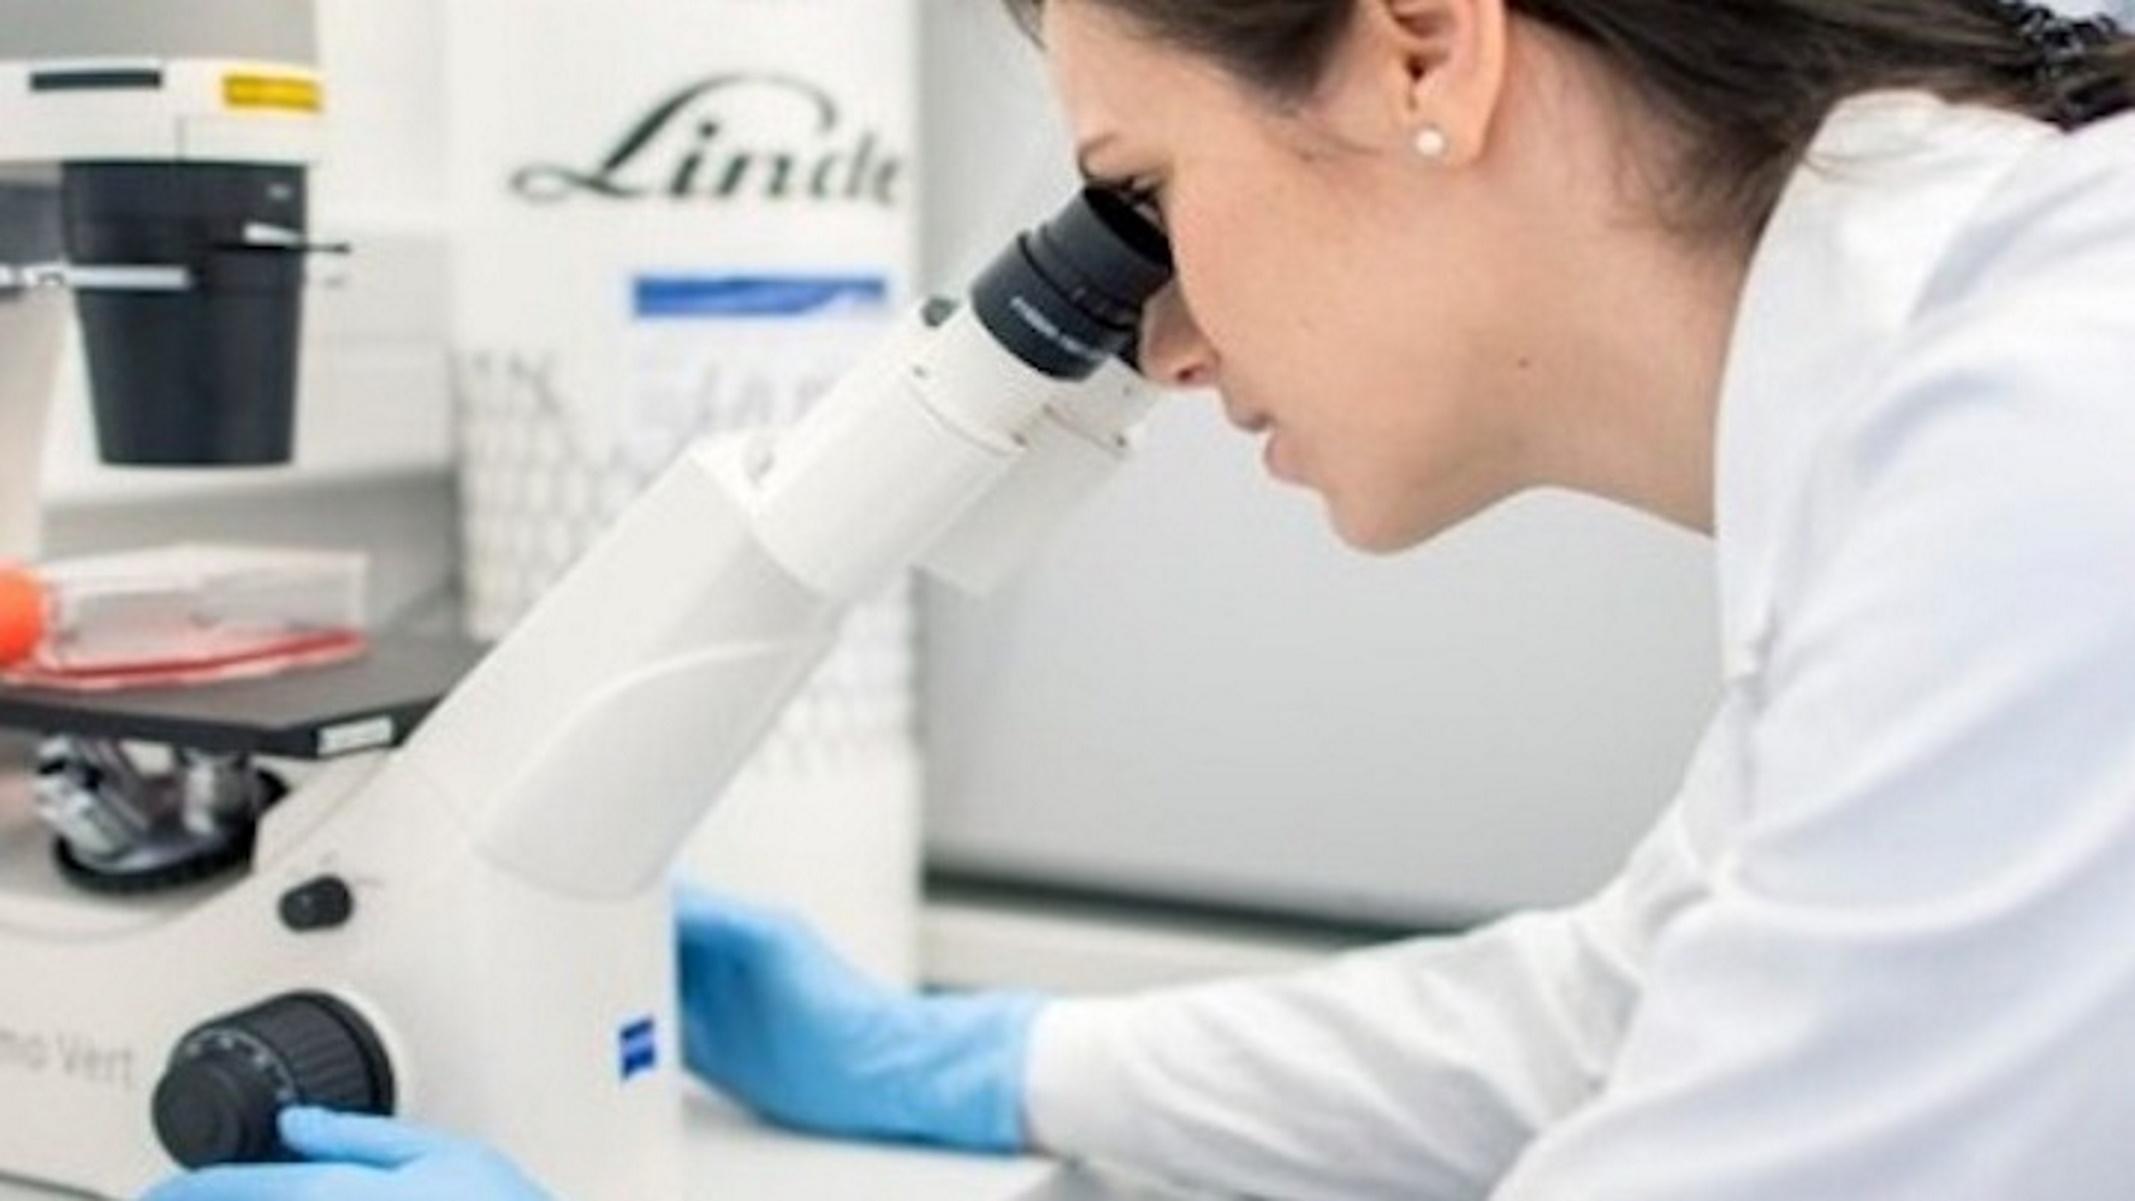 Έρευνα ΕΚΠΑ: Οι νυχτερινές βάρδιες αυξάνουν την πιθανότητα ακανόνιστης περιόδου στις γυναίκες